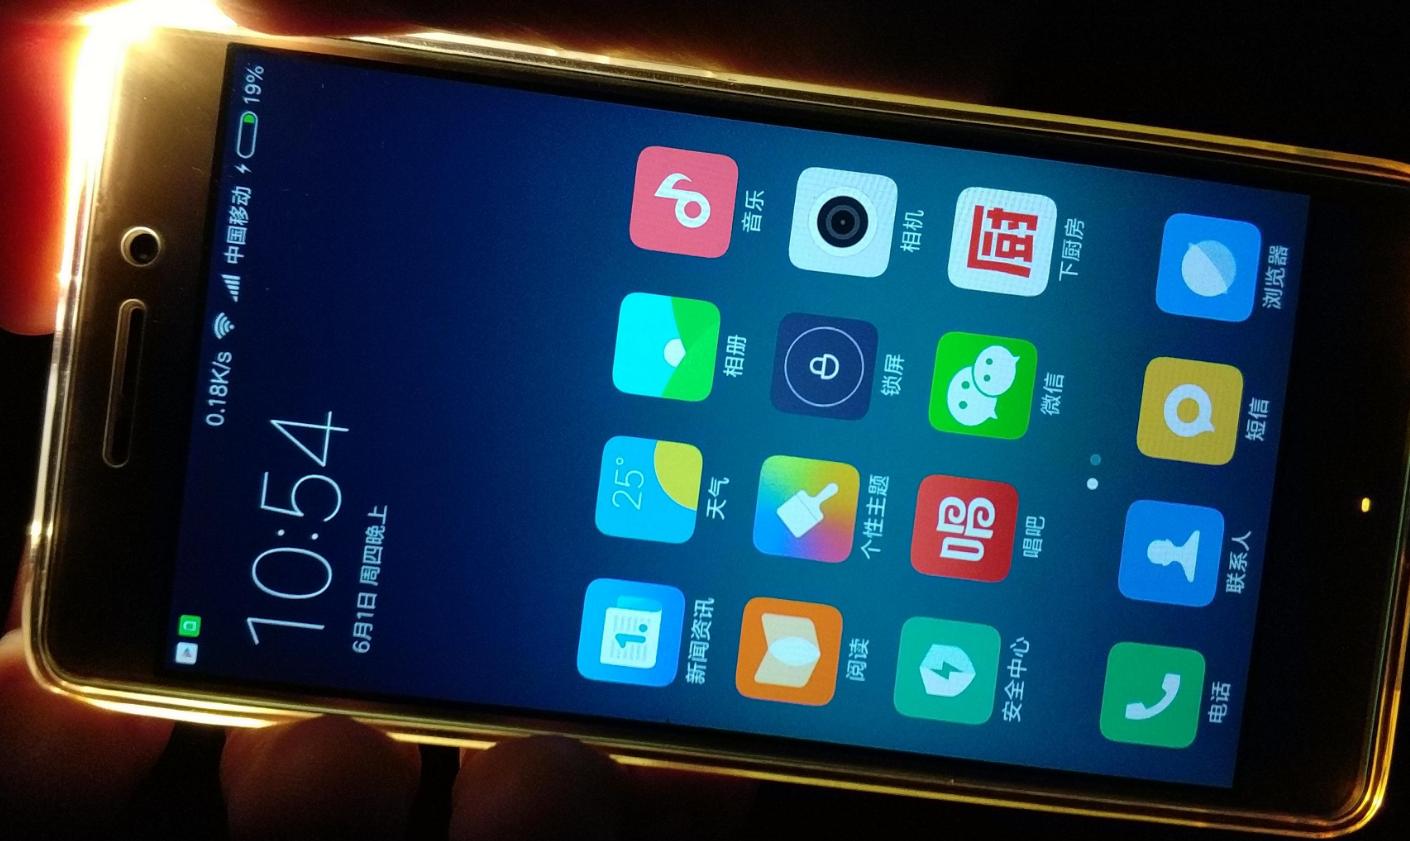 前二并非小米华为,老牌手机巨子起头逆袭,一月手机发卖排行出炉